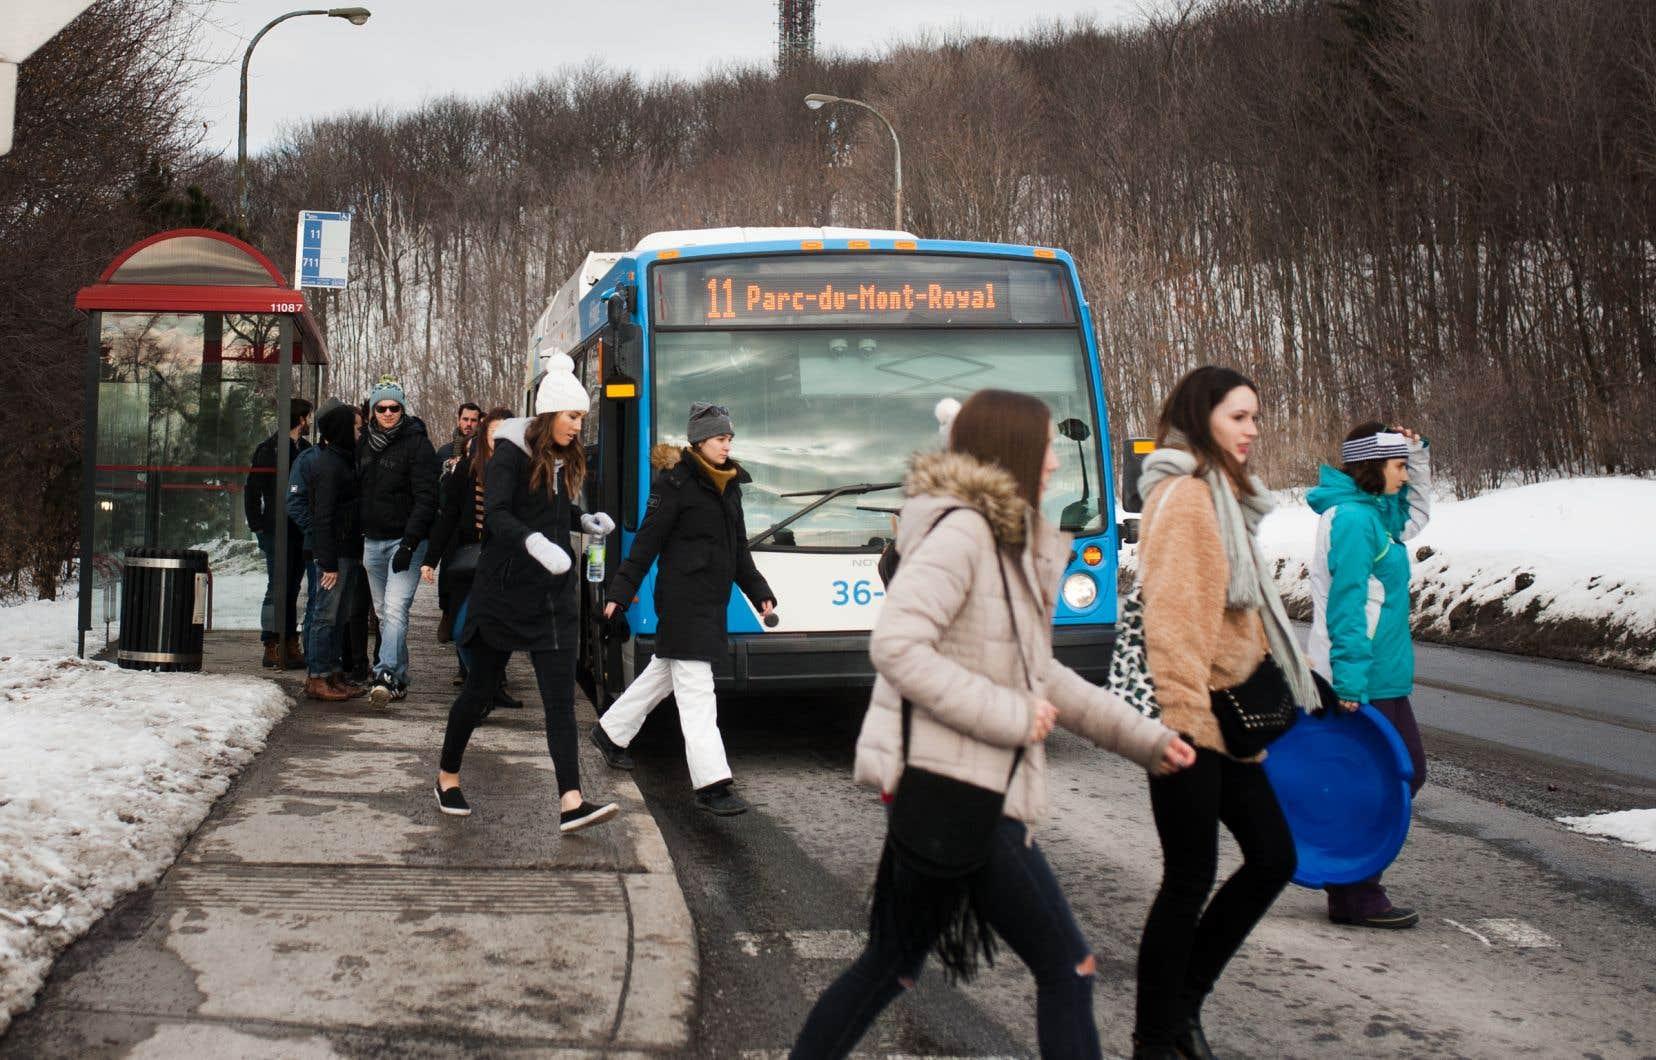 À l'exception des autobus, le transit automobile n'a pas sa place dans le parc du Mont-Royal et il est temps que la voie Camillien-Houde soit dépouillée de son aspect de bretelle d'autoroute, estime l'auteur.